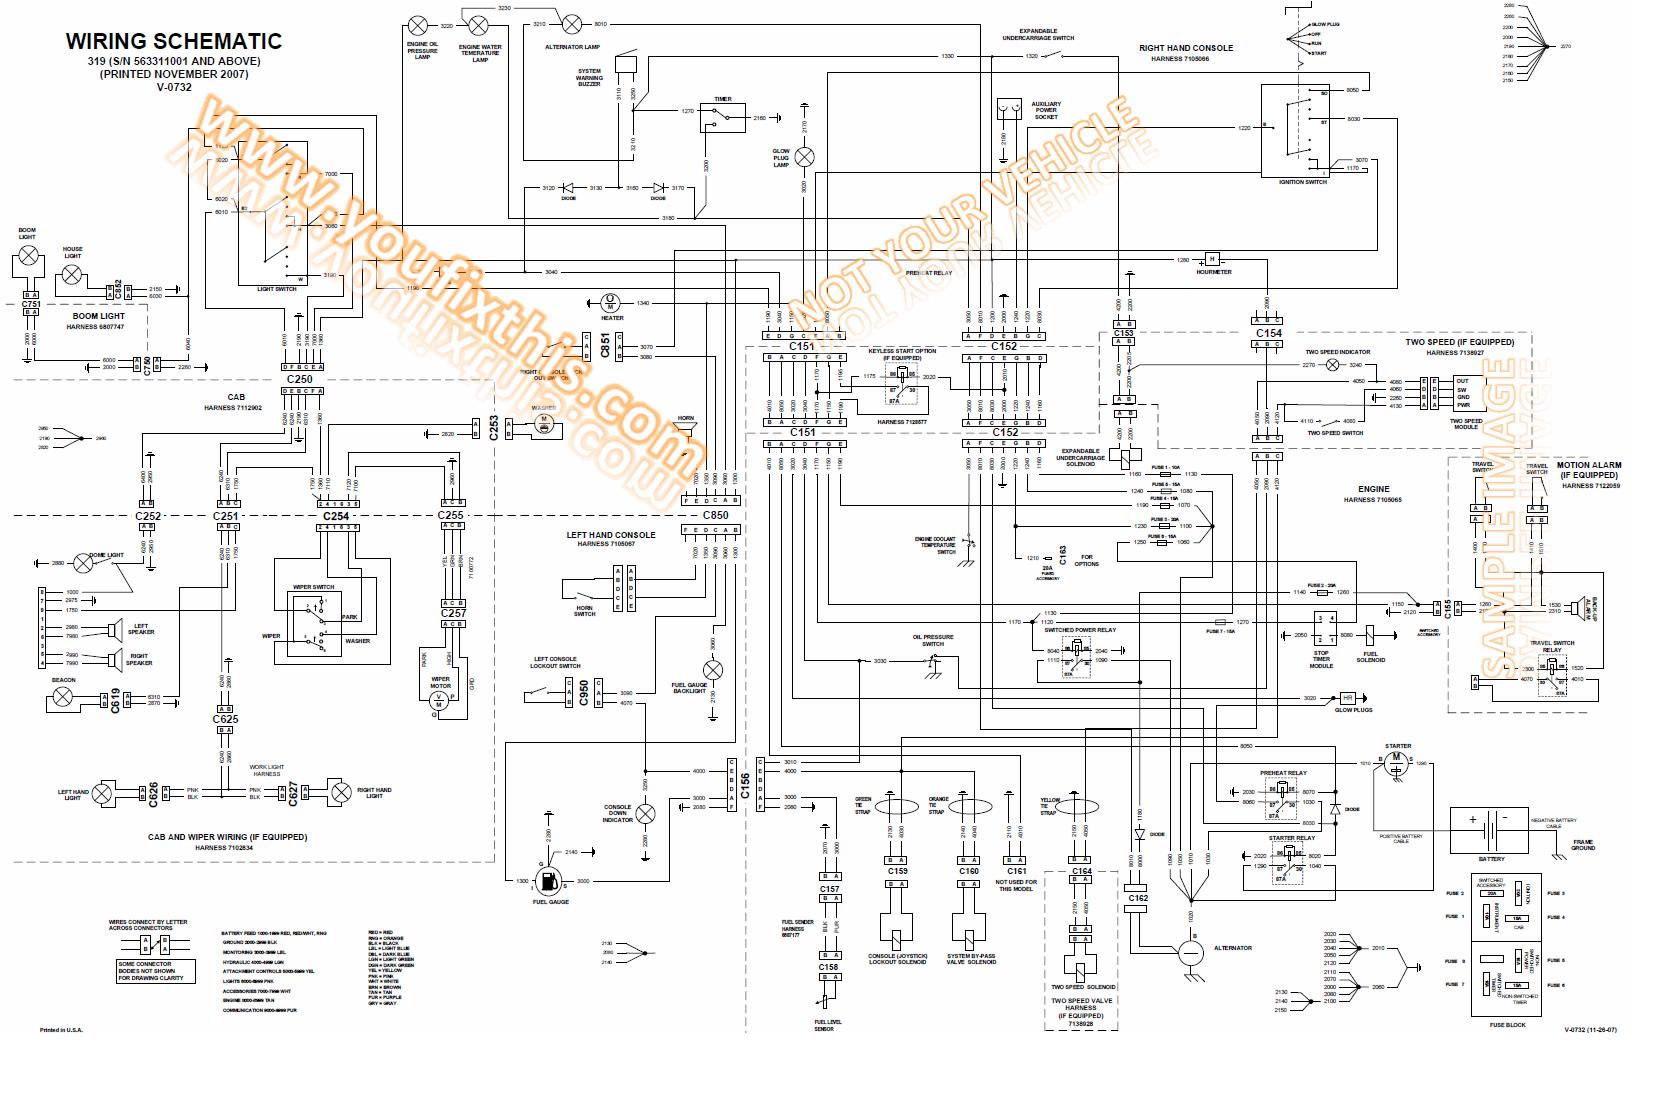 bobcat 500 wiring diagram data wiring diagrambobcat s175 acs wiring diagram completed wiring diagrams bobcat s185 wiring diagram 500 bobcat wiring